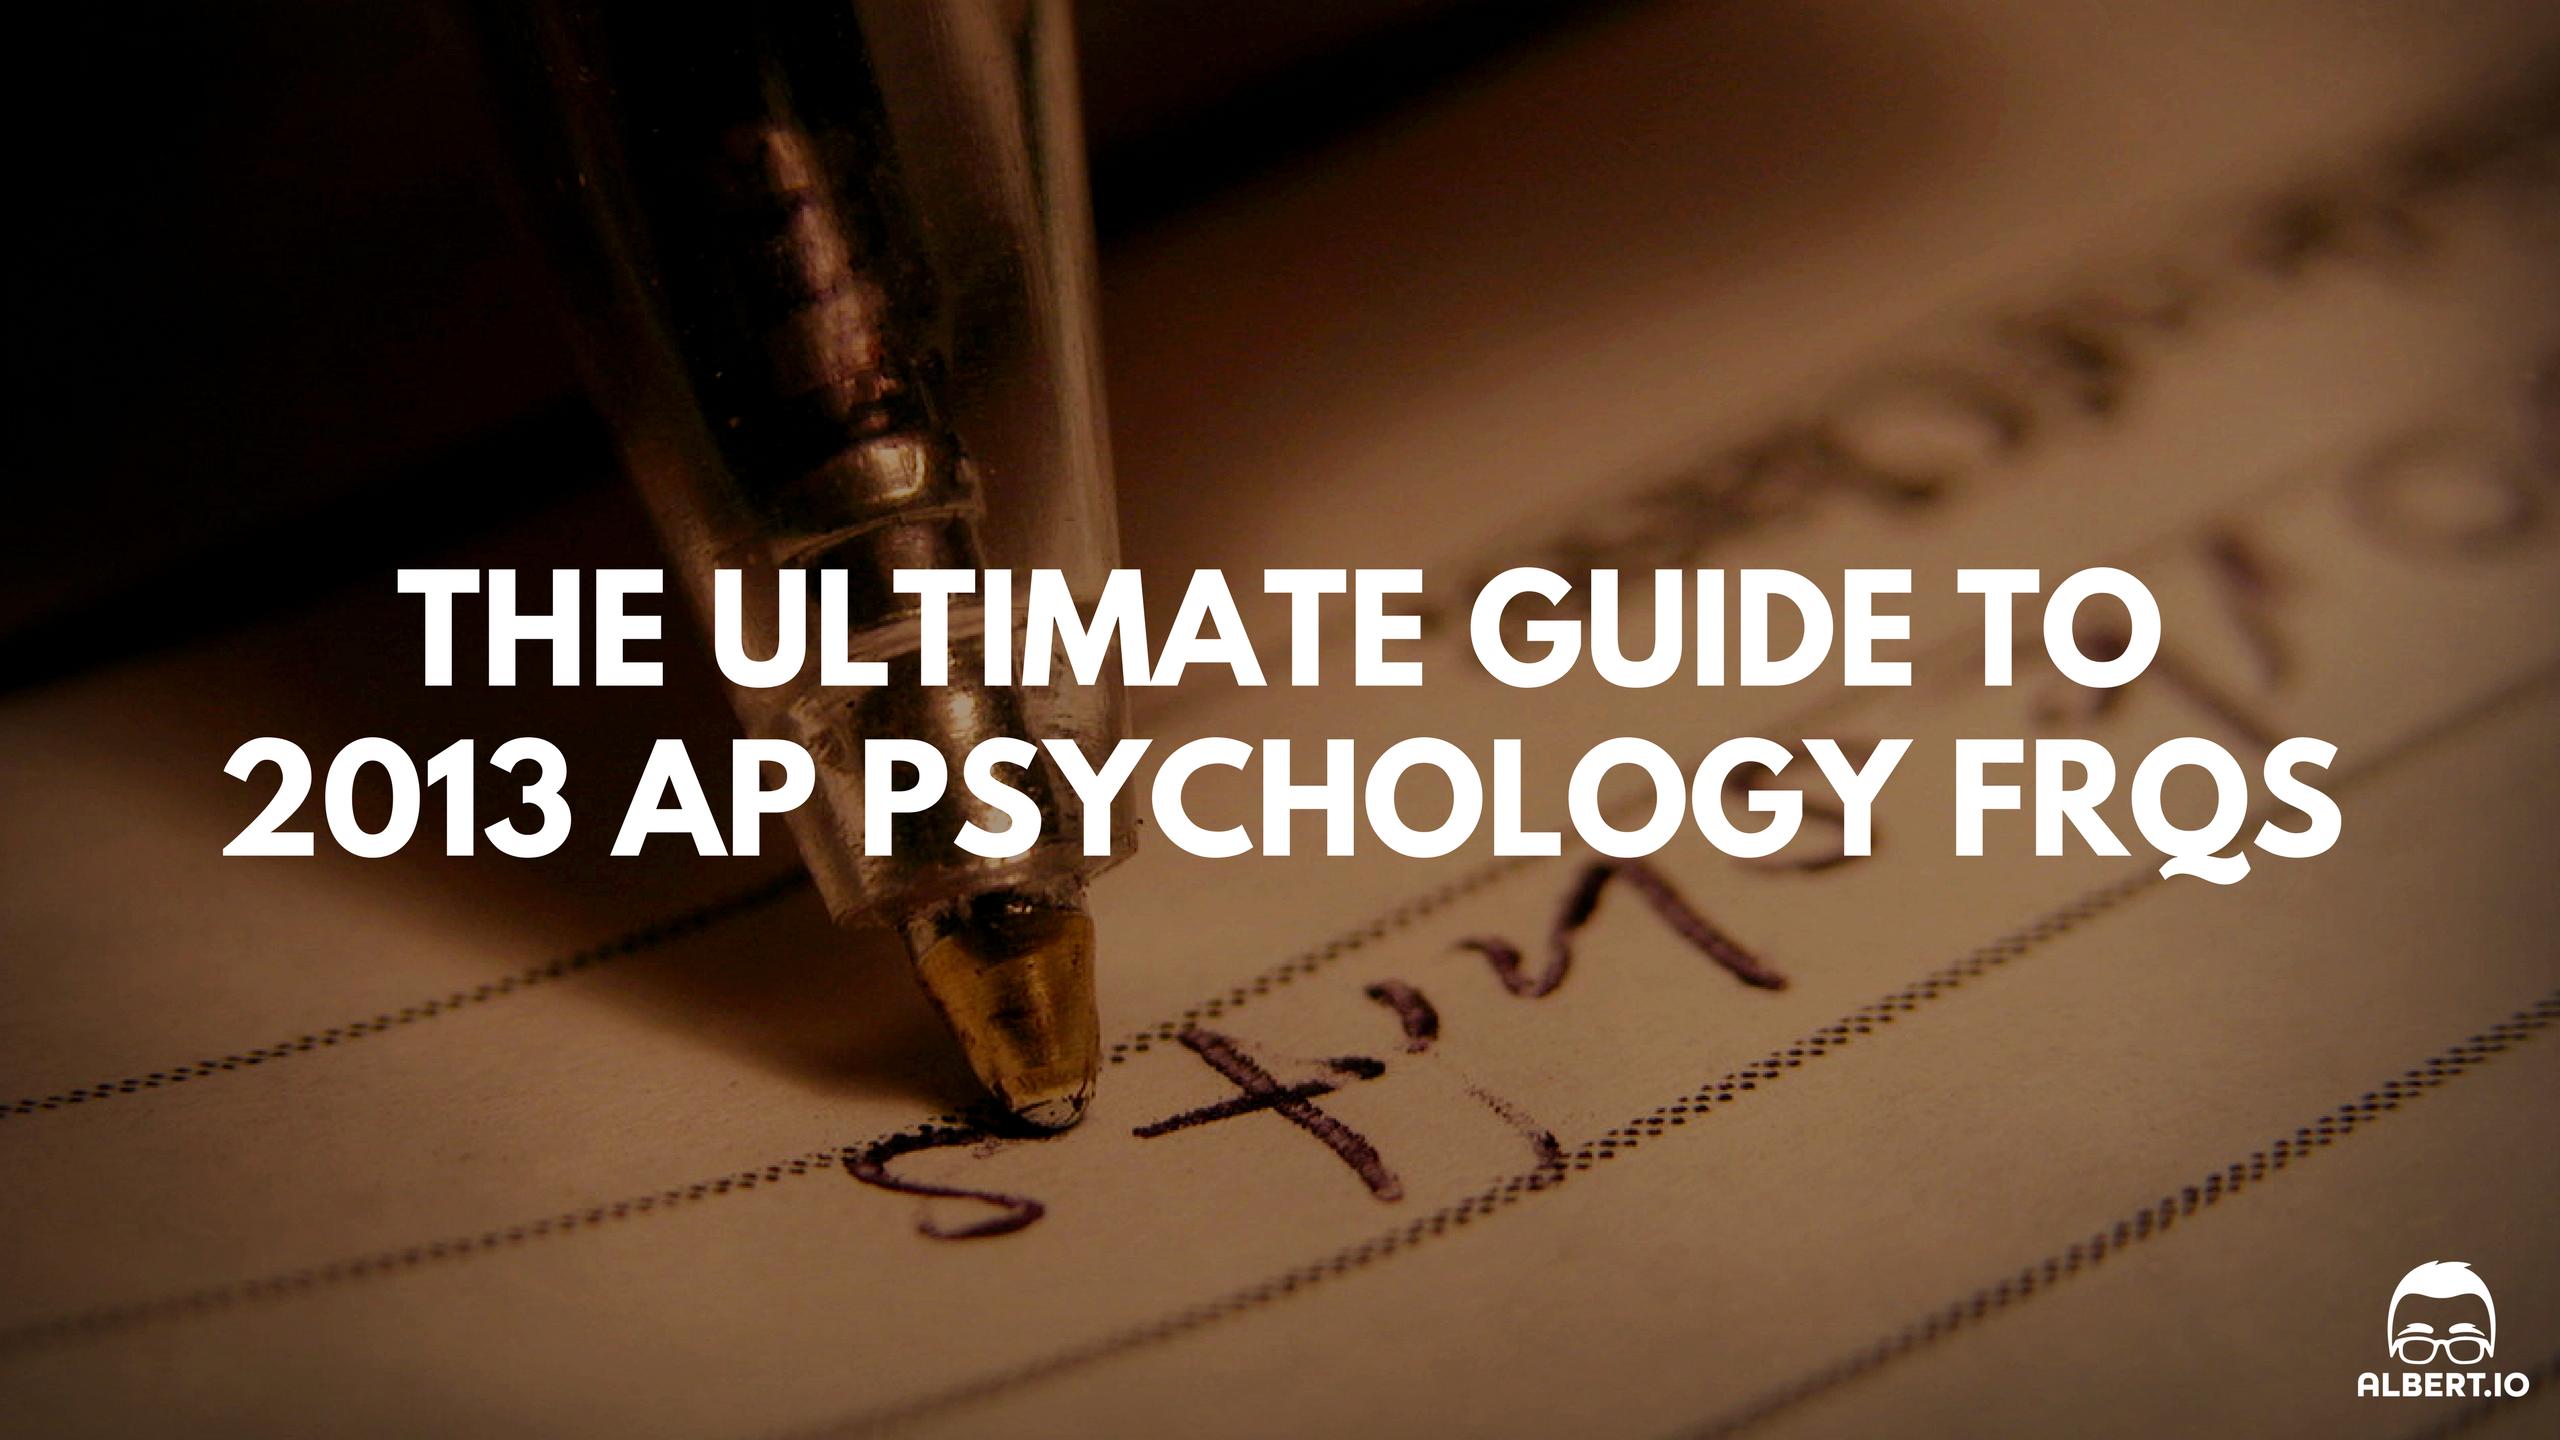 2013 AP Psychology FRQ